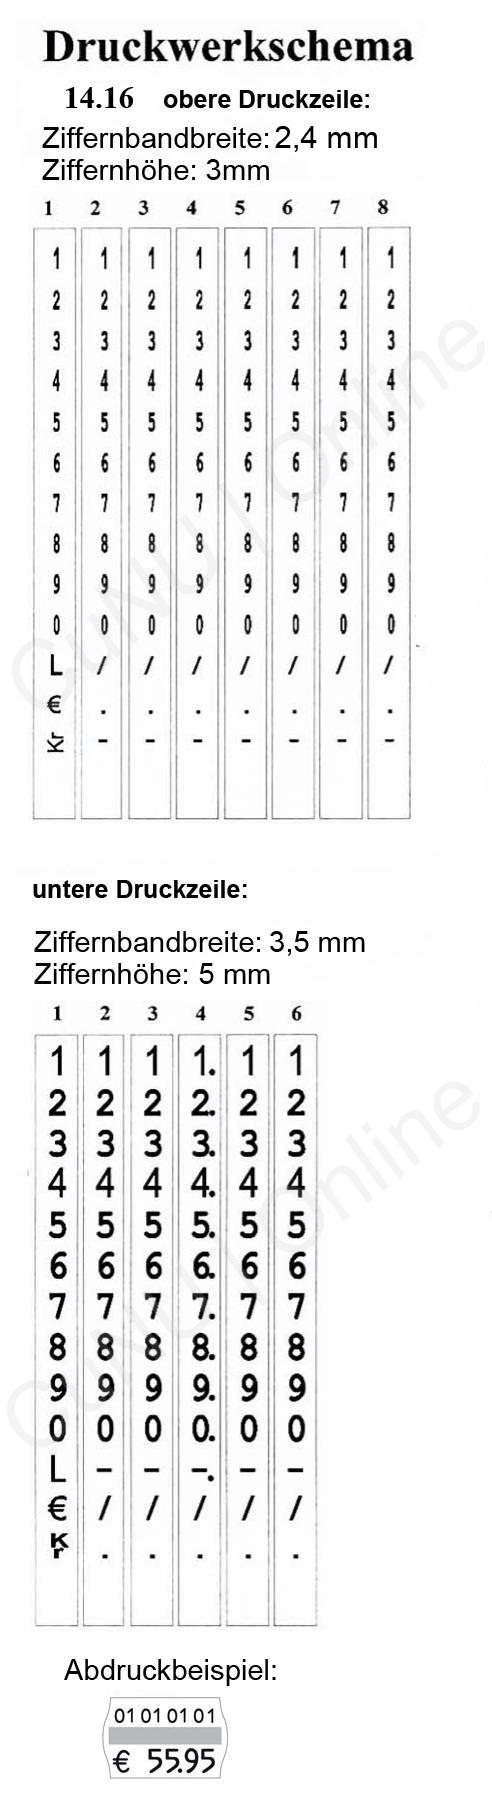 zweizeiliger Auszeichner - Druckwerk contact premium 14.16